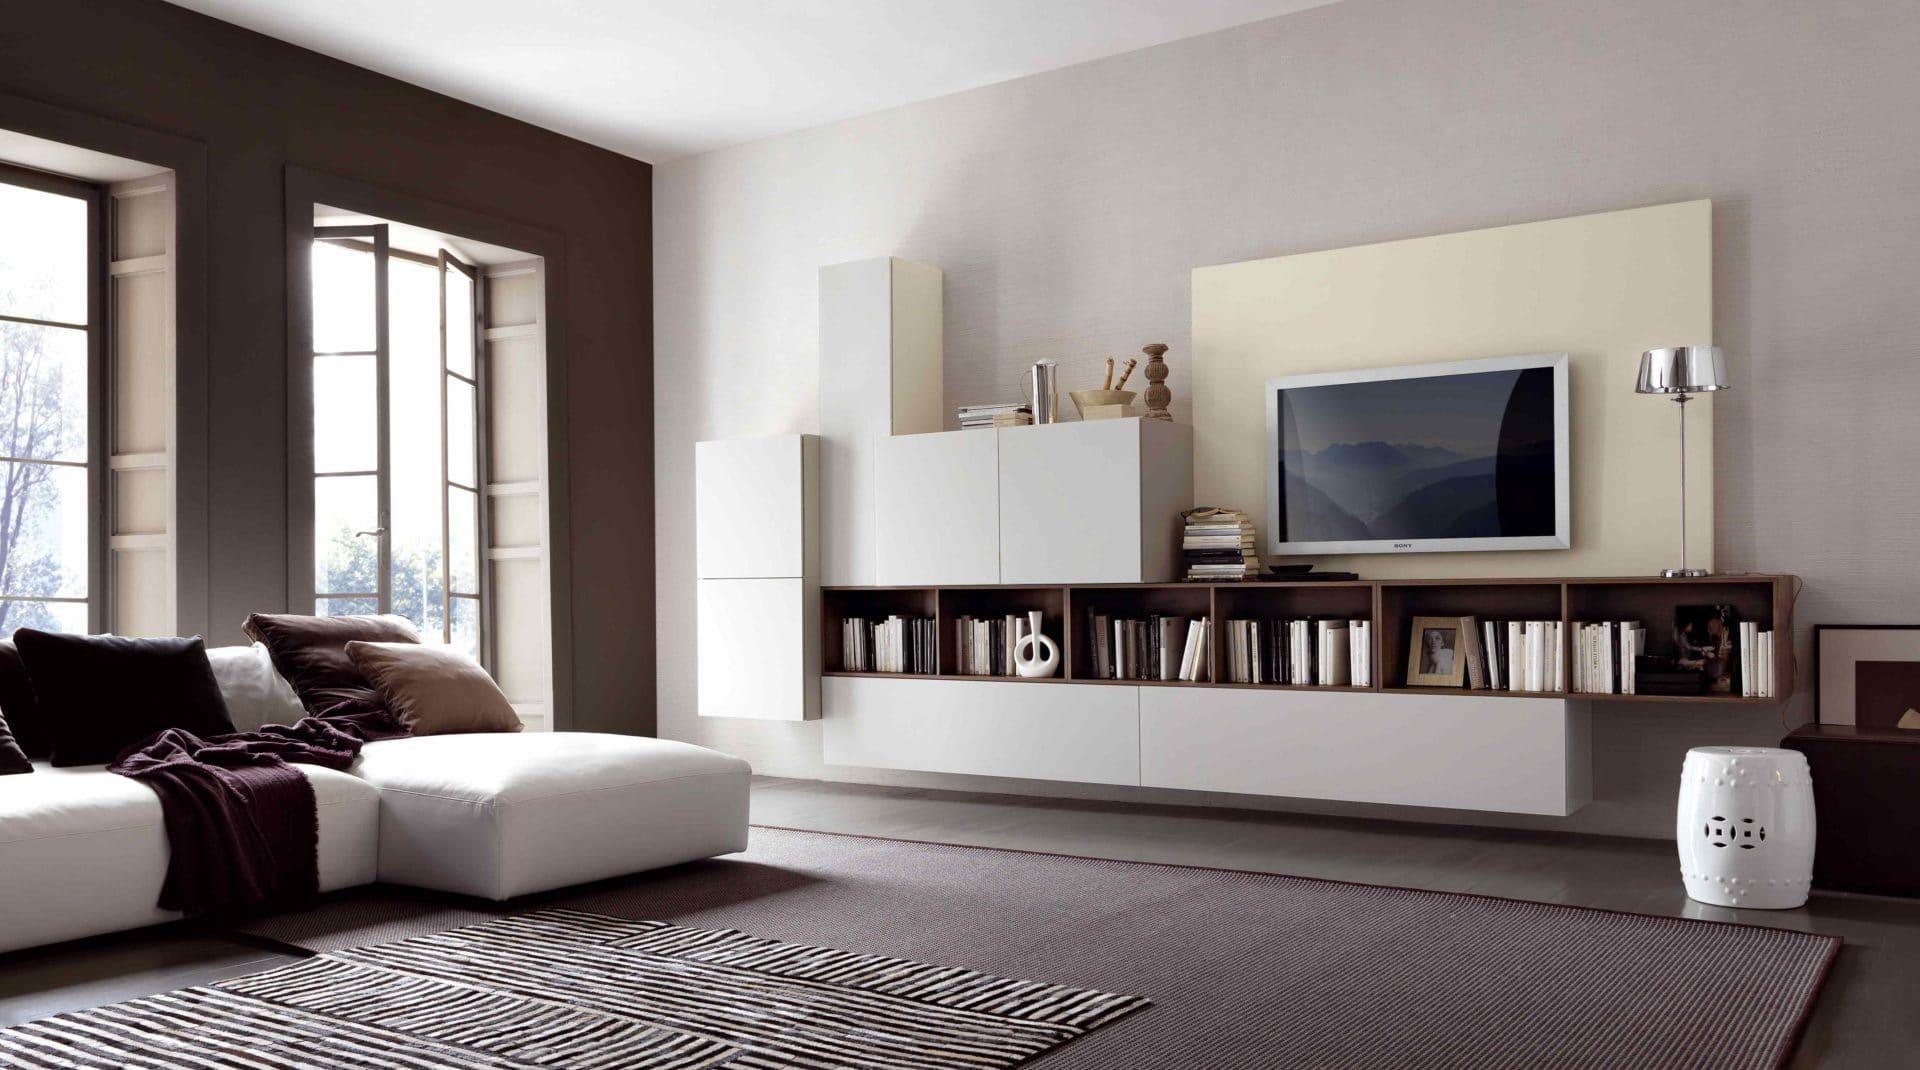 Distribuci n del sal n ambientes confortables y pr cticos for Interiorismo salones